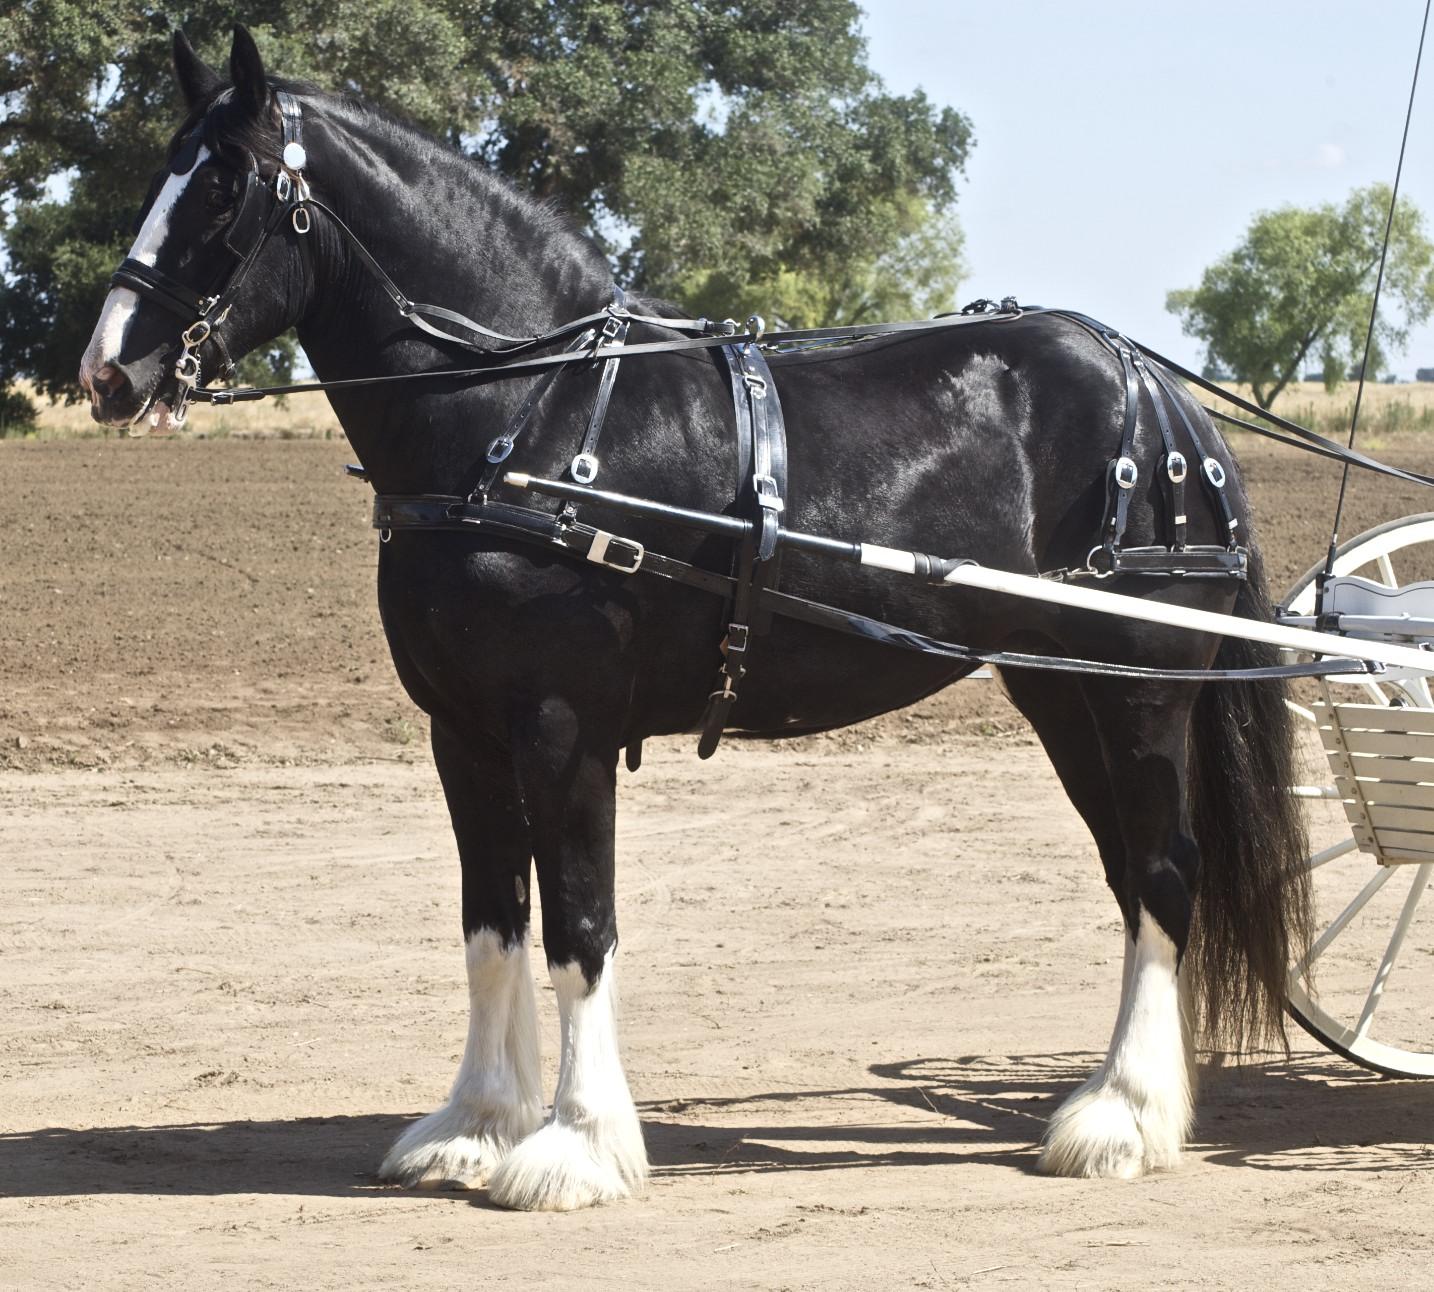 Shire horse - Wikipedia